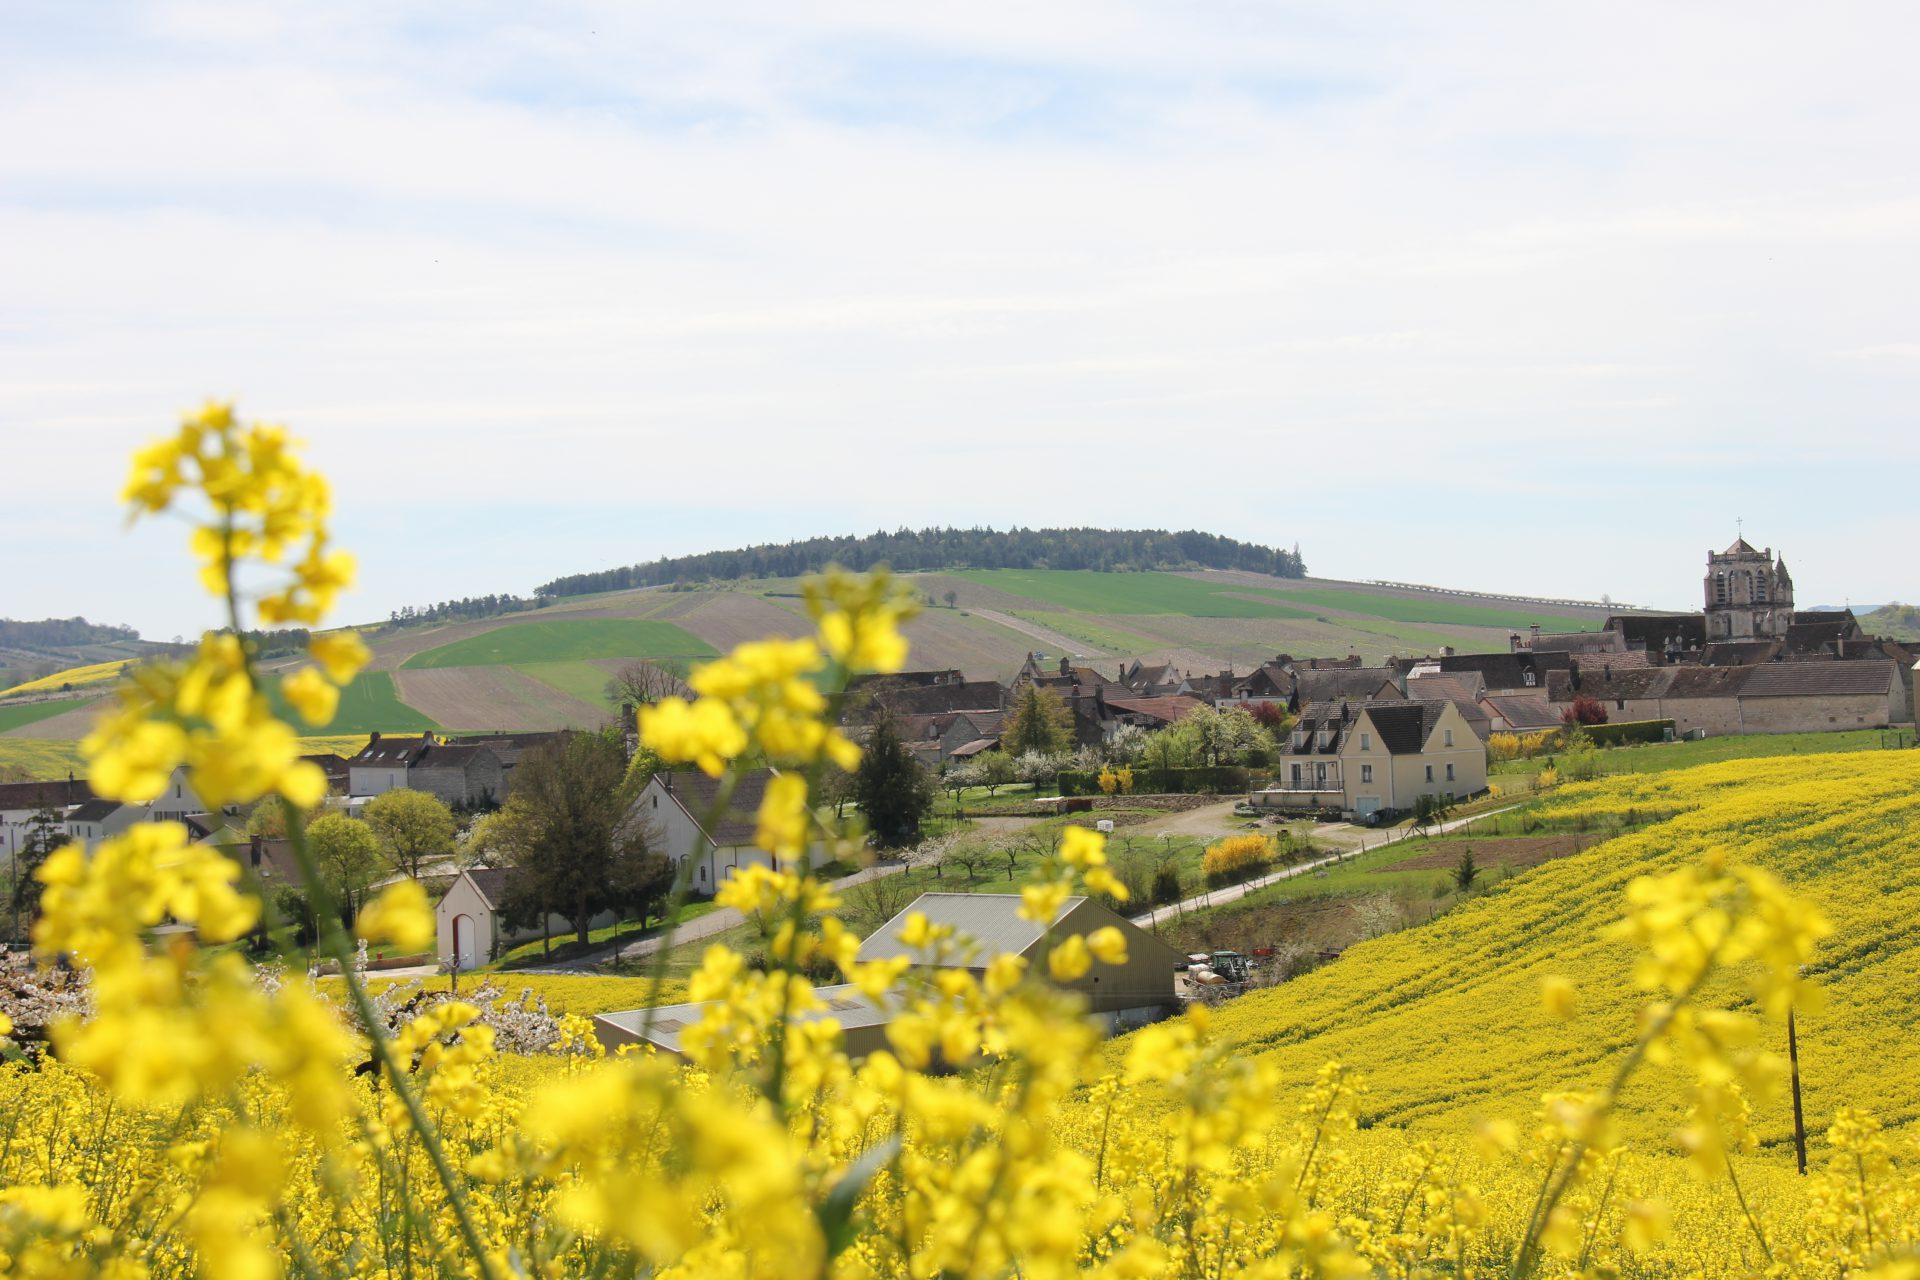 Saint-Bris